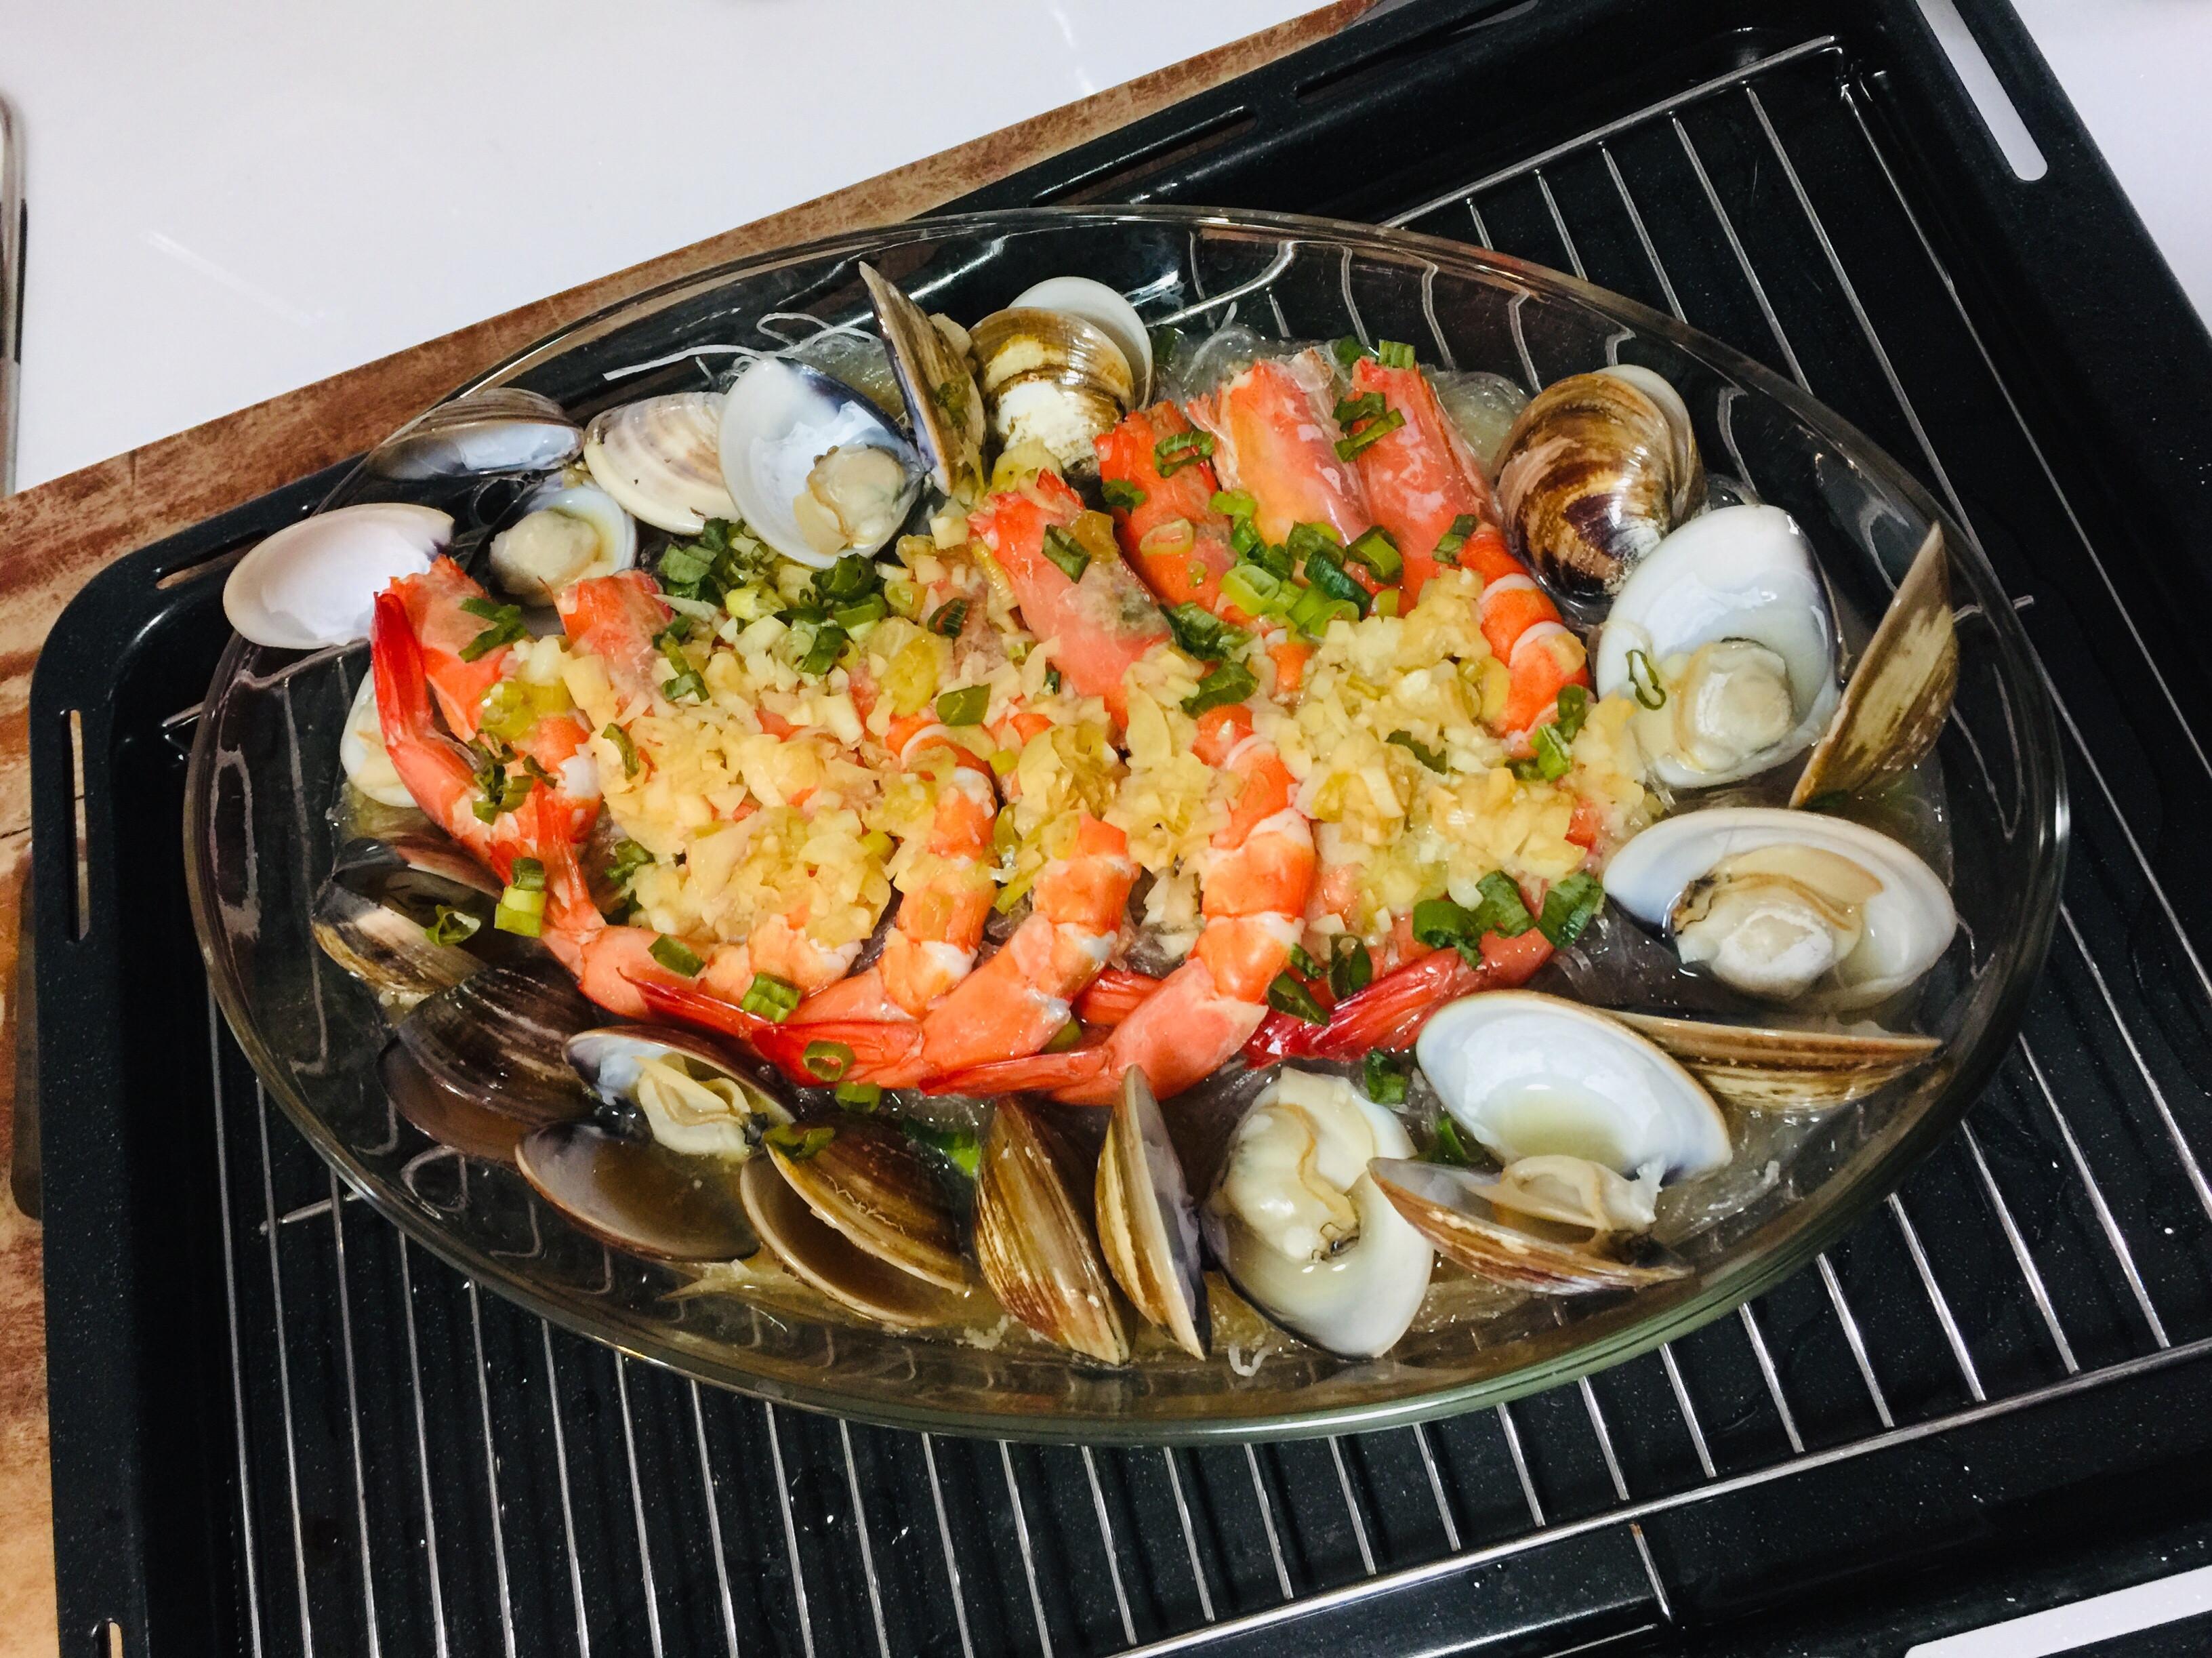 鮮蝦蛤蜊蒸粉絲,蒸氣烘烤爐料理